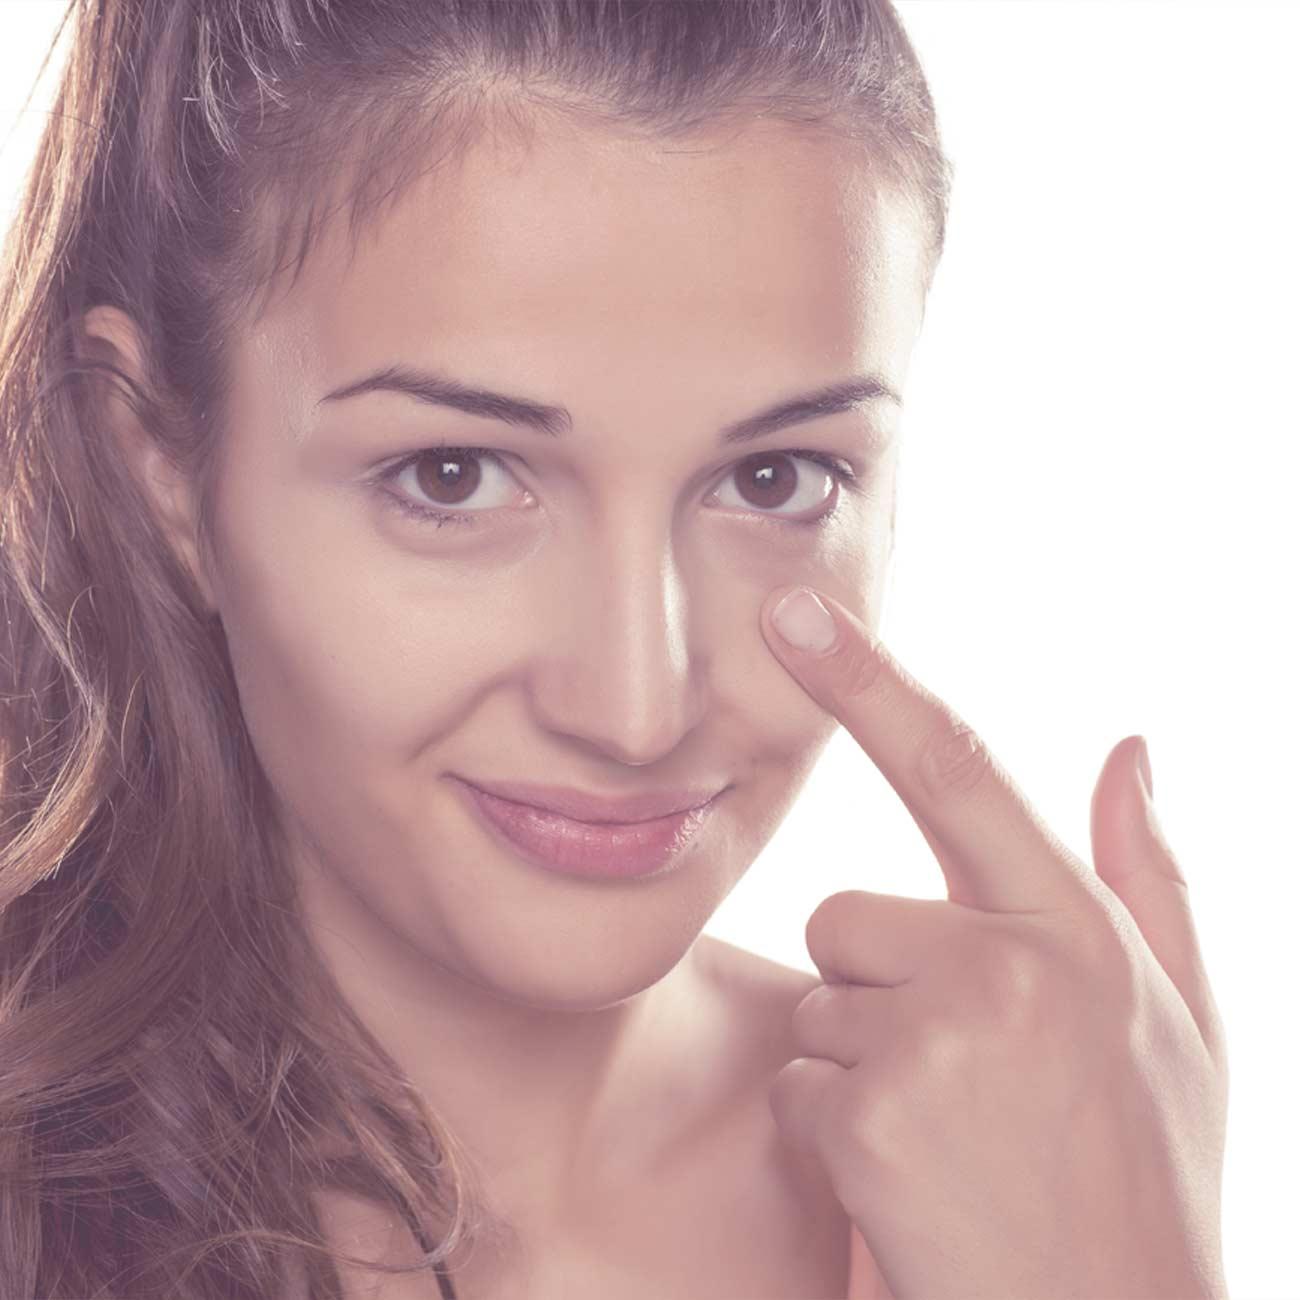 Tratamiento para eliminar ojeras de forma definitiva